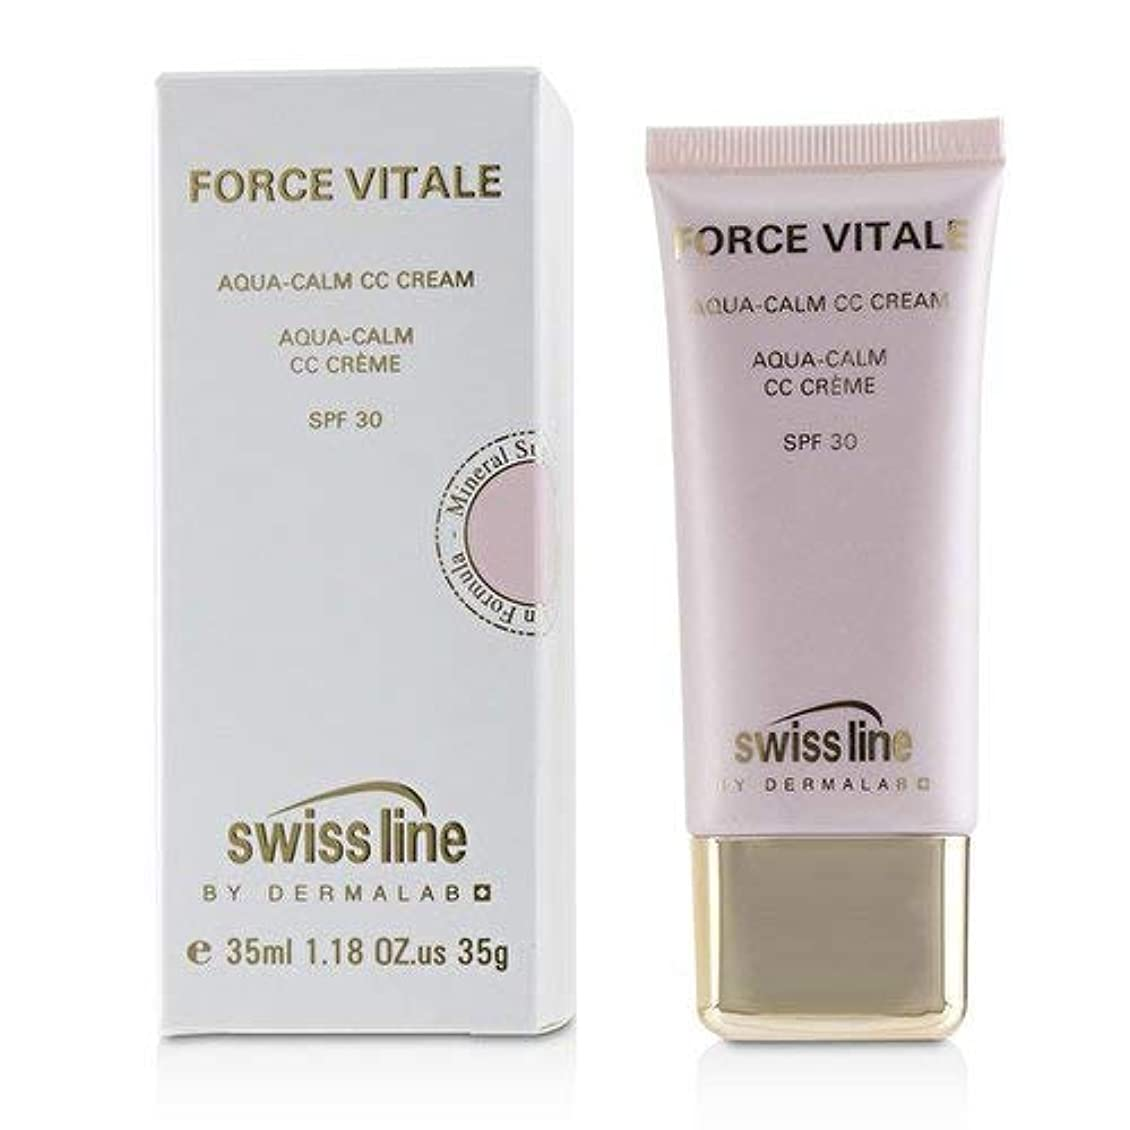 お酢原点トラフィックスイスライン Force Vitale Aqua-Calm CC Cream SPF30 - Beige 10 35ml並行輸入品